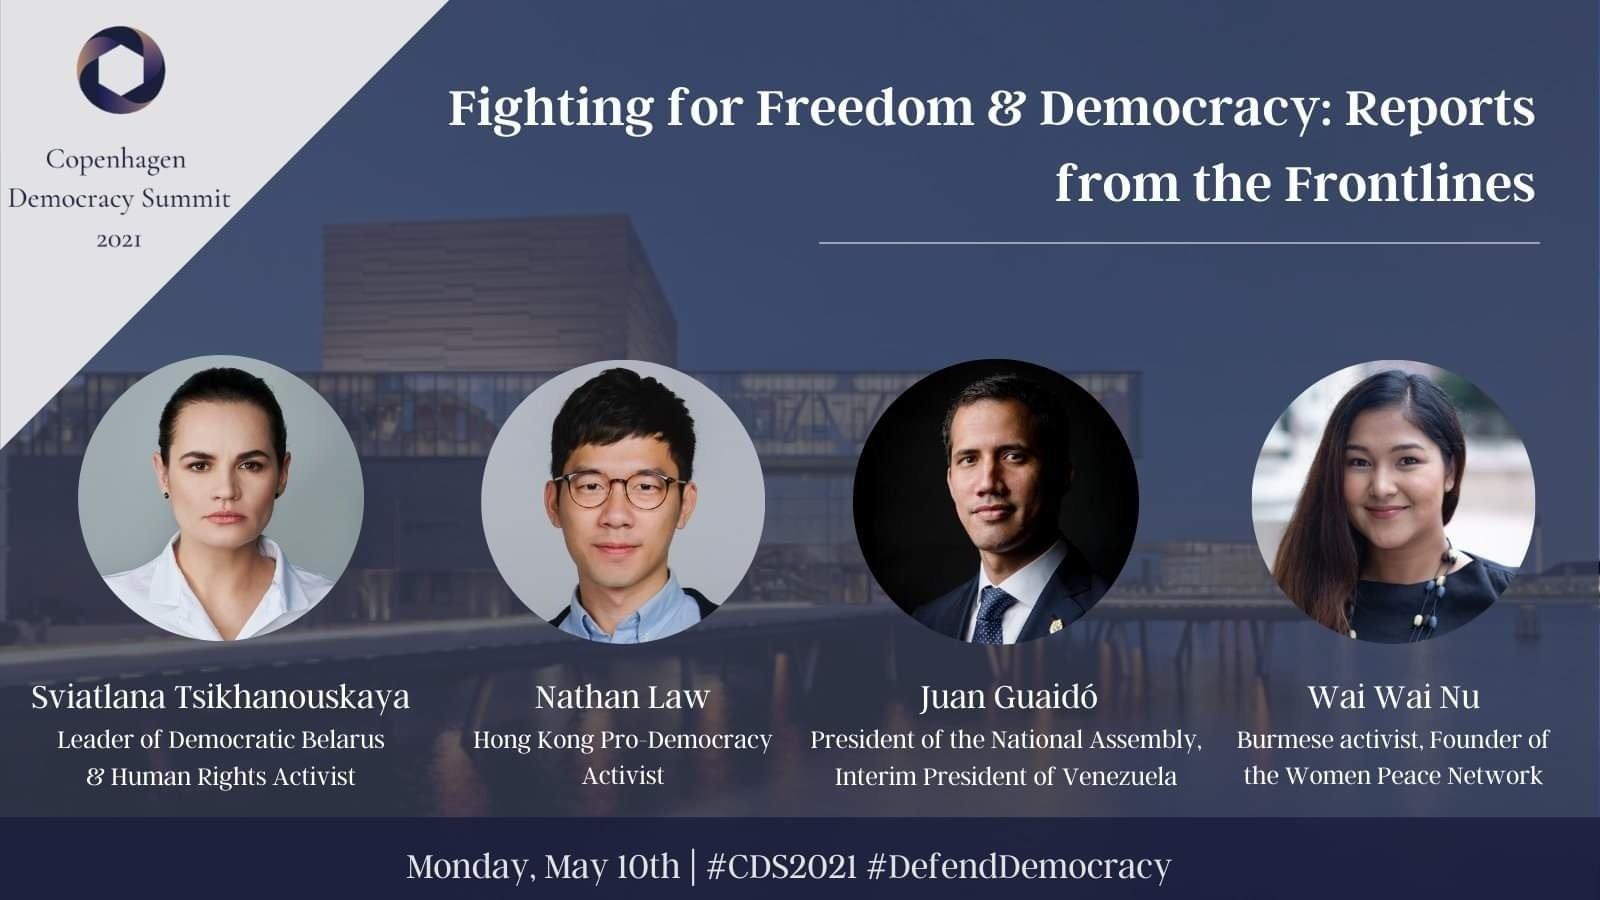 「哥本哈根民主高峰會」視像會議於5月10日和5月11日舉行。第一天的議程邀請了流亡英國的前香港「香港眾志」創黨主席羅冠聰發表演說。(網頁圖片)